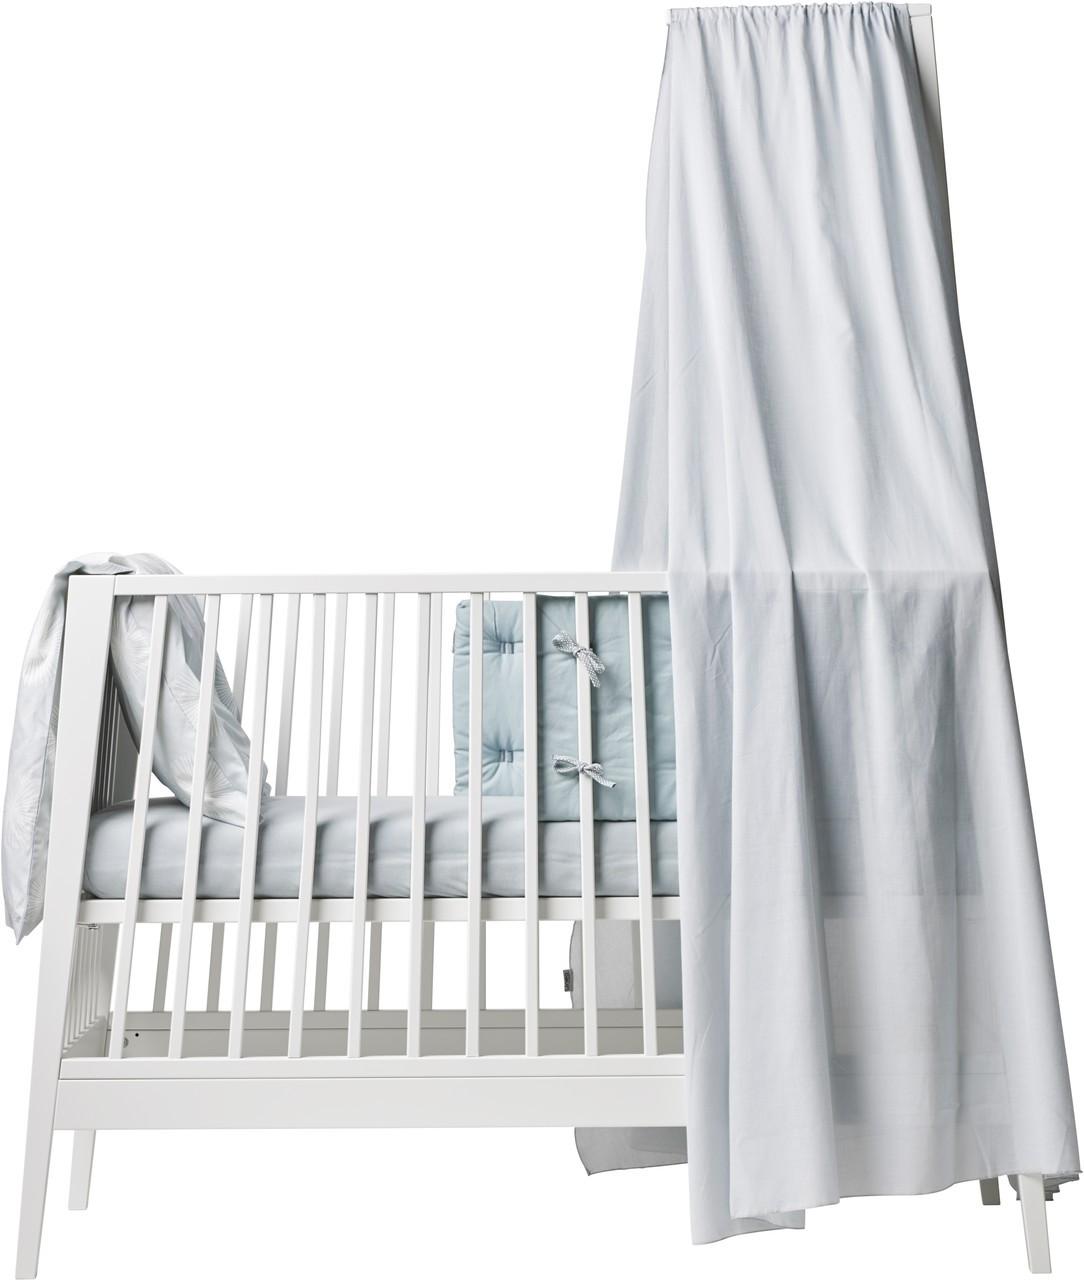 Full Size of Leander Bett Babybett Himmel Linea Kleine Fabriek 200x220 Boxspring Landhausstil Betten Hamburg Mit Matratze Und Lattenrost Außergewöhnliche Bett Leander Bett